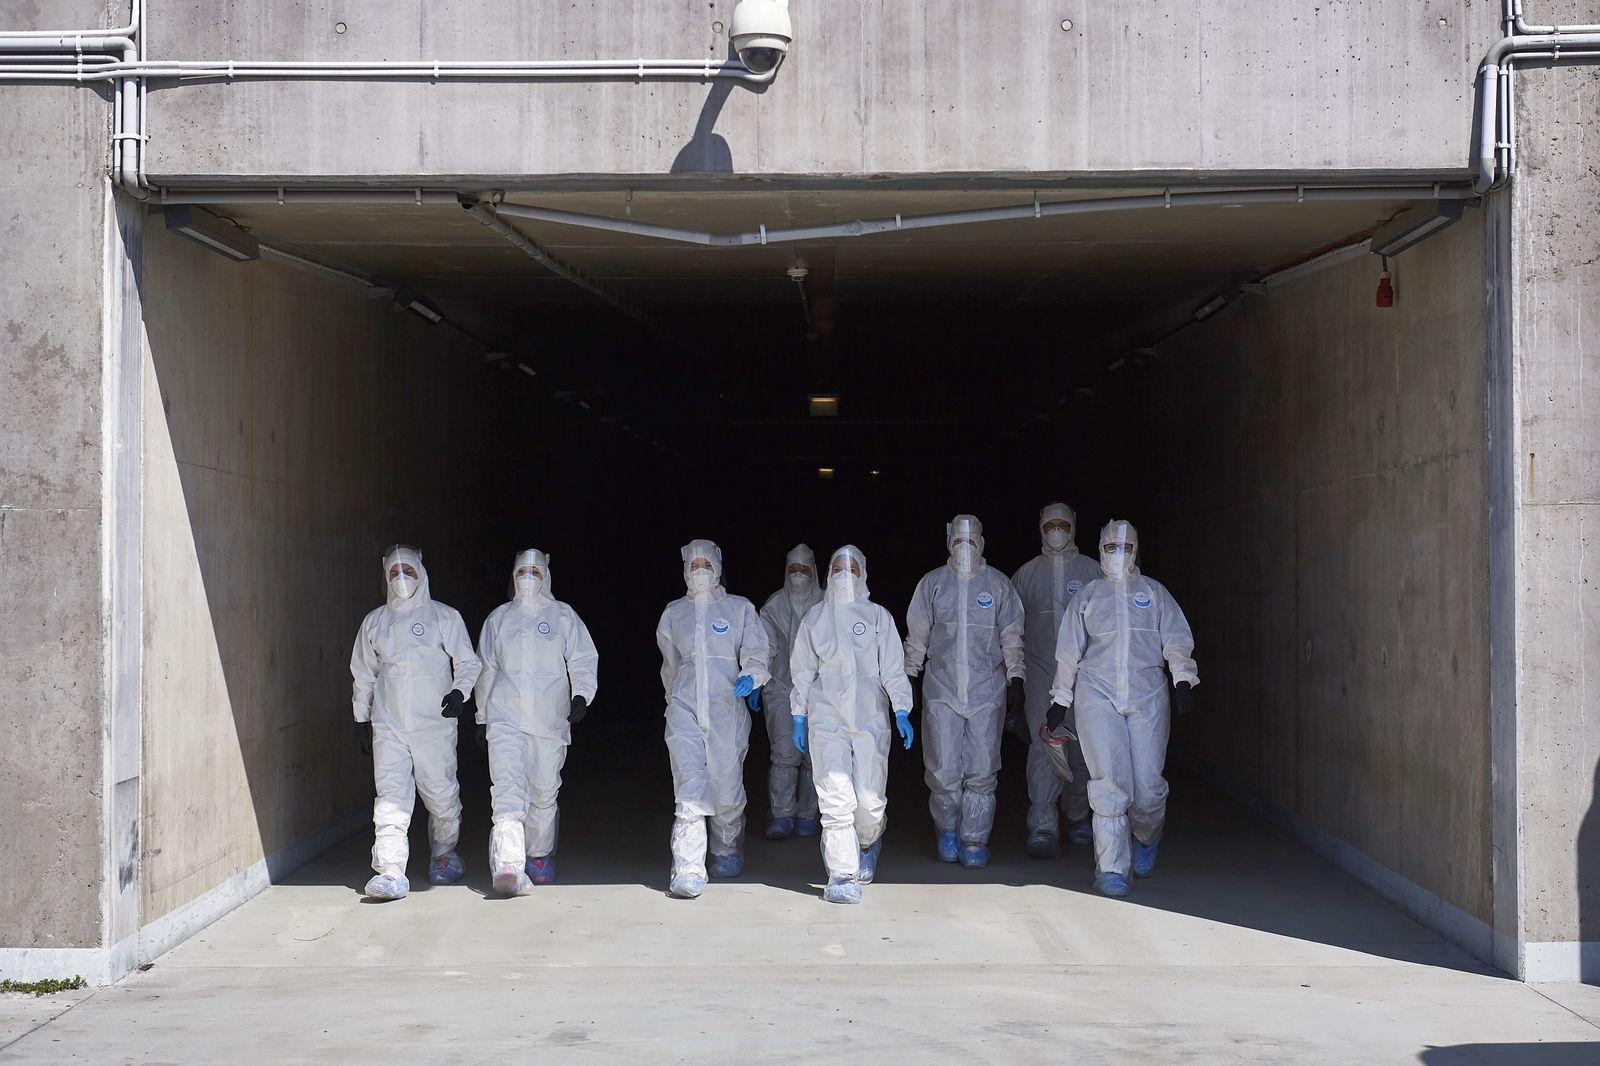 Drive-thru COVID-19 testing lab in Gdansk, Poland - 27 Apr 2020